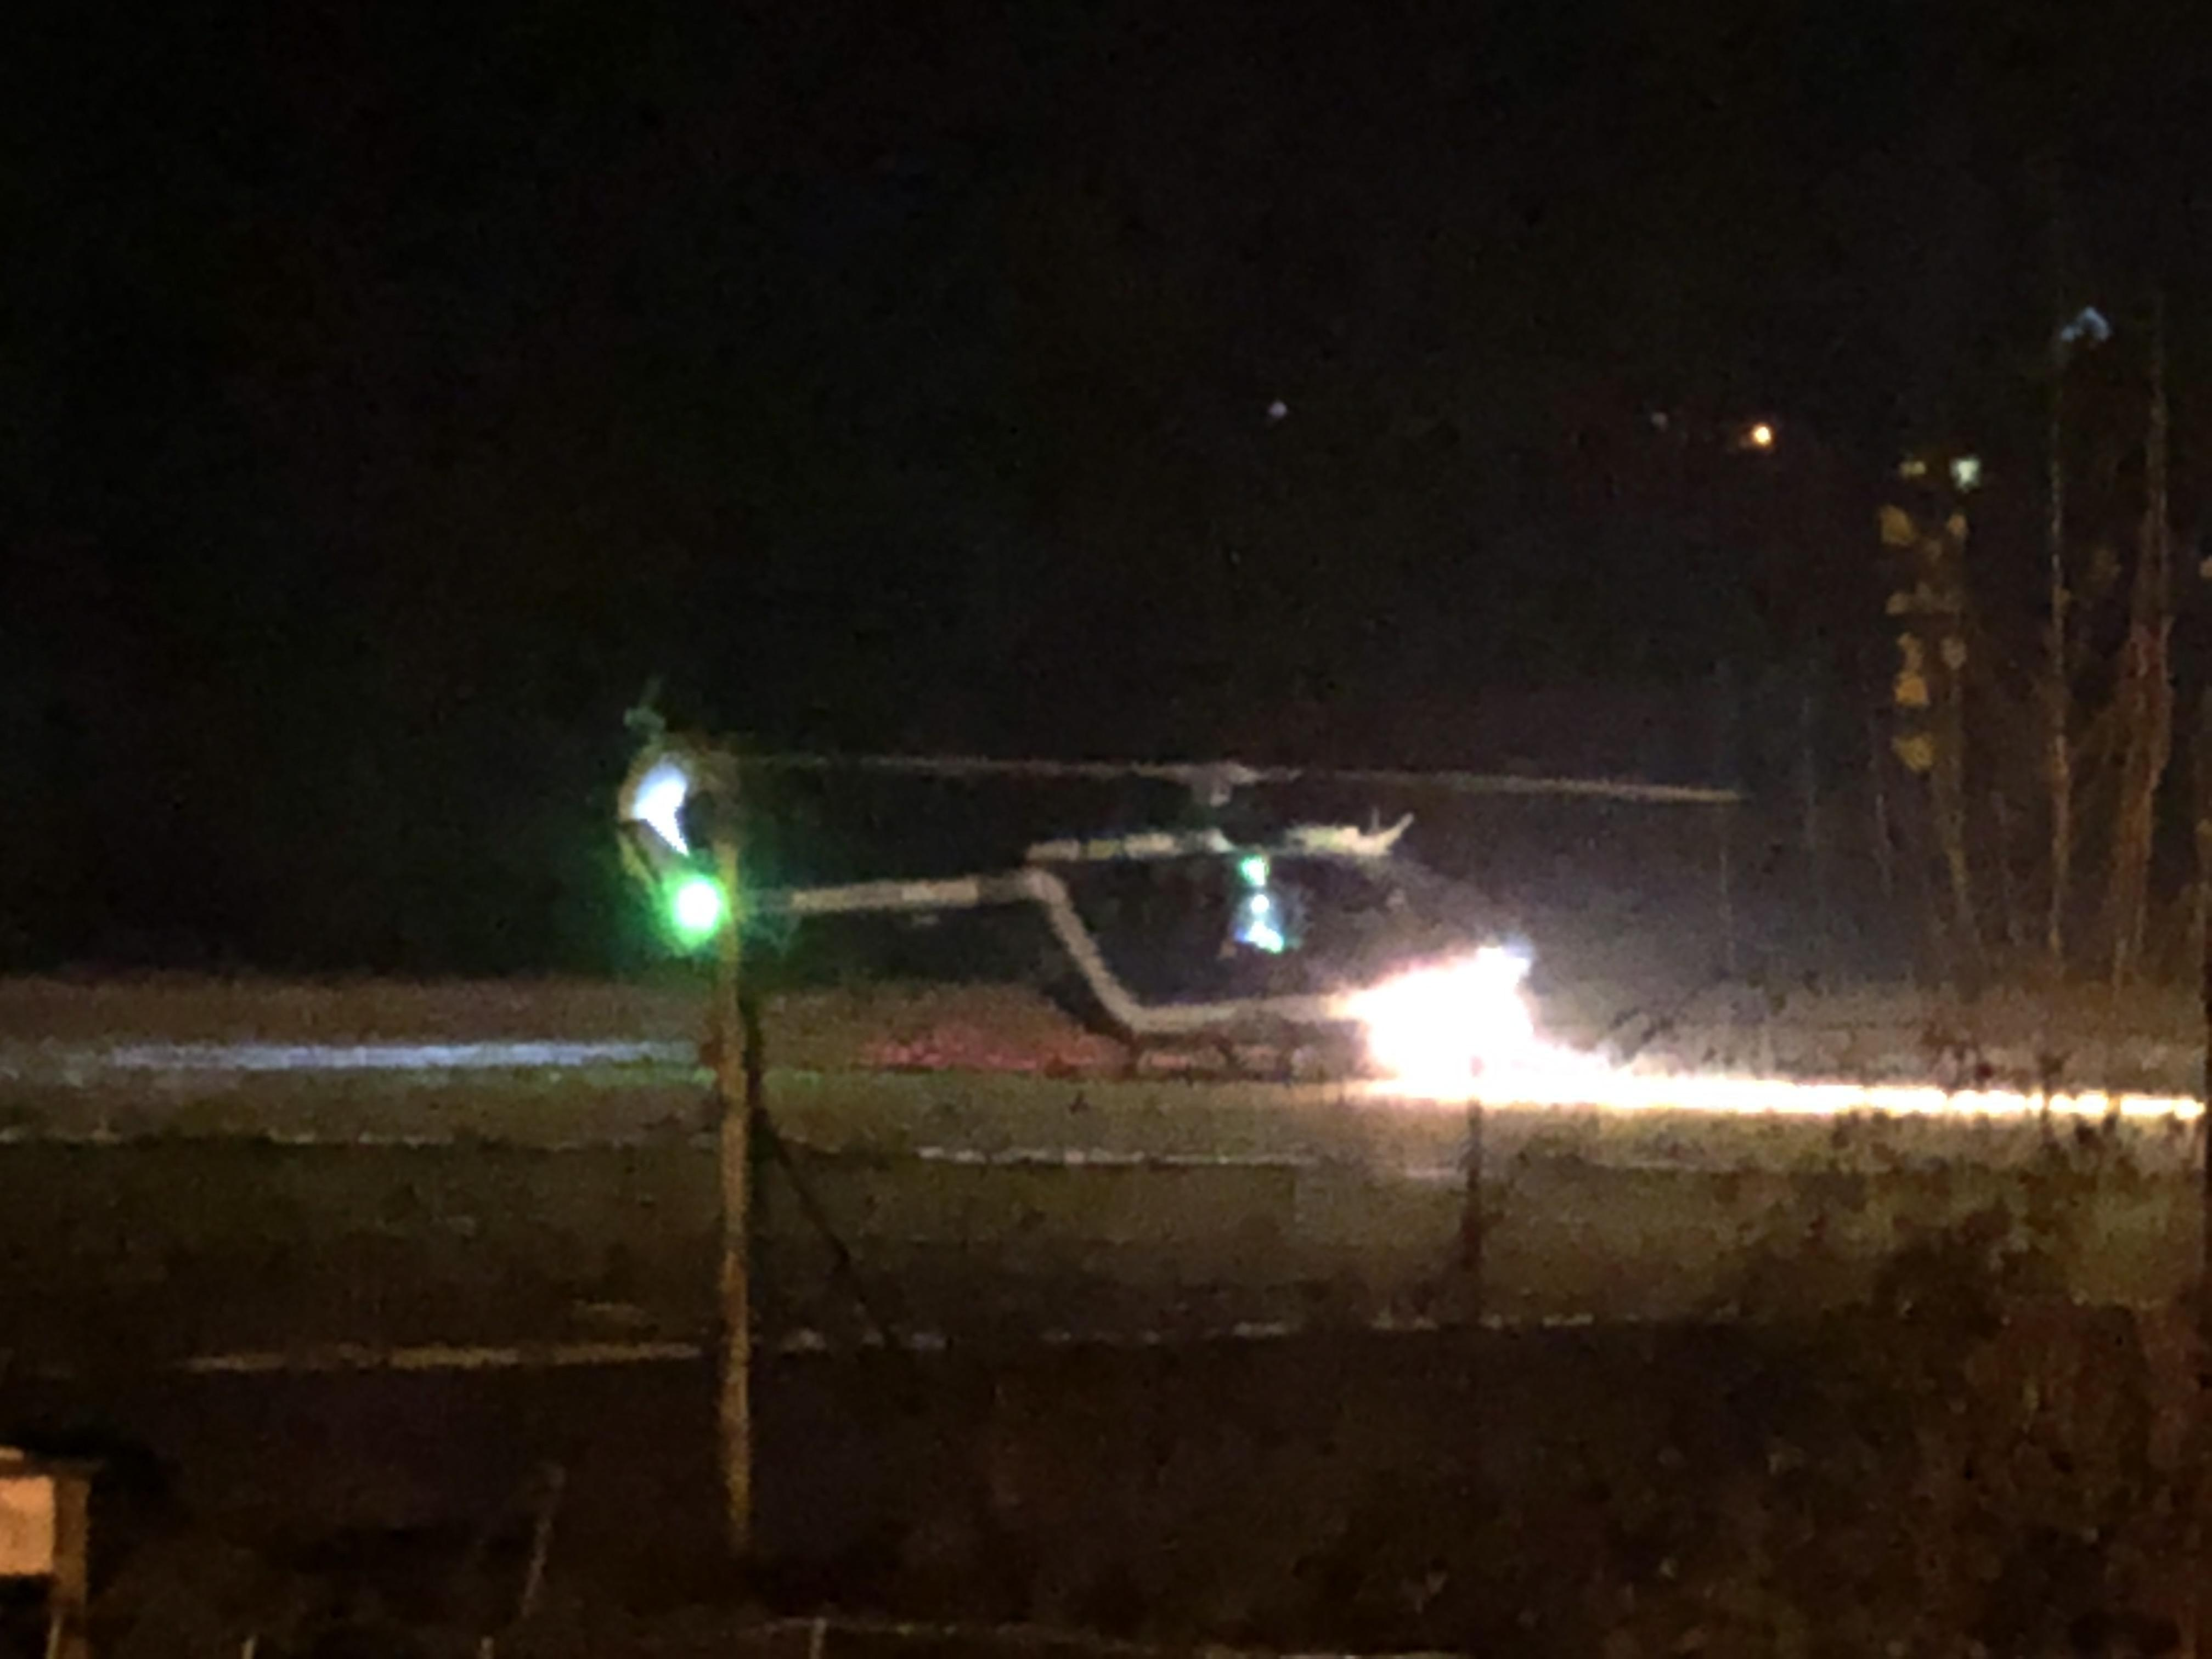 Crash d'hélicoptère de Bonvillard: un contact a été établi avec un des occupants de l'appareil